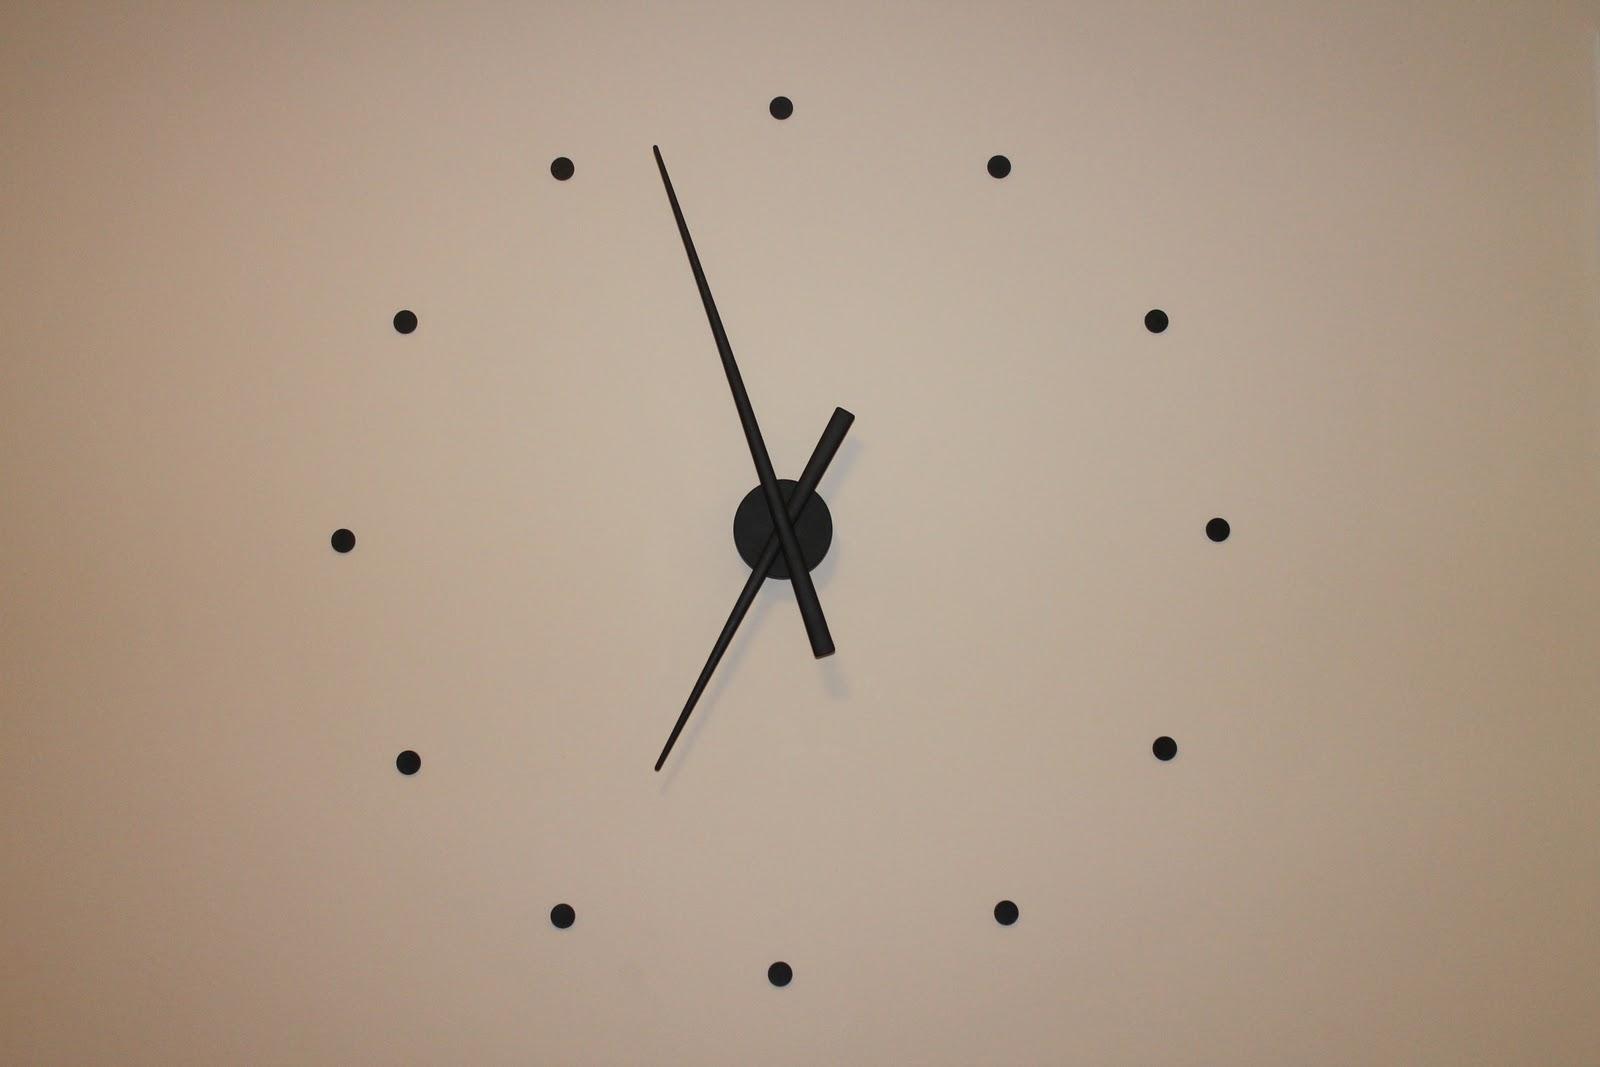 stor klocka på väggen